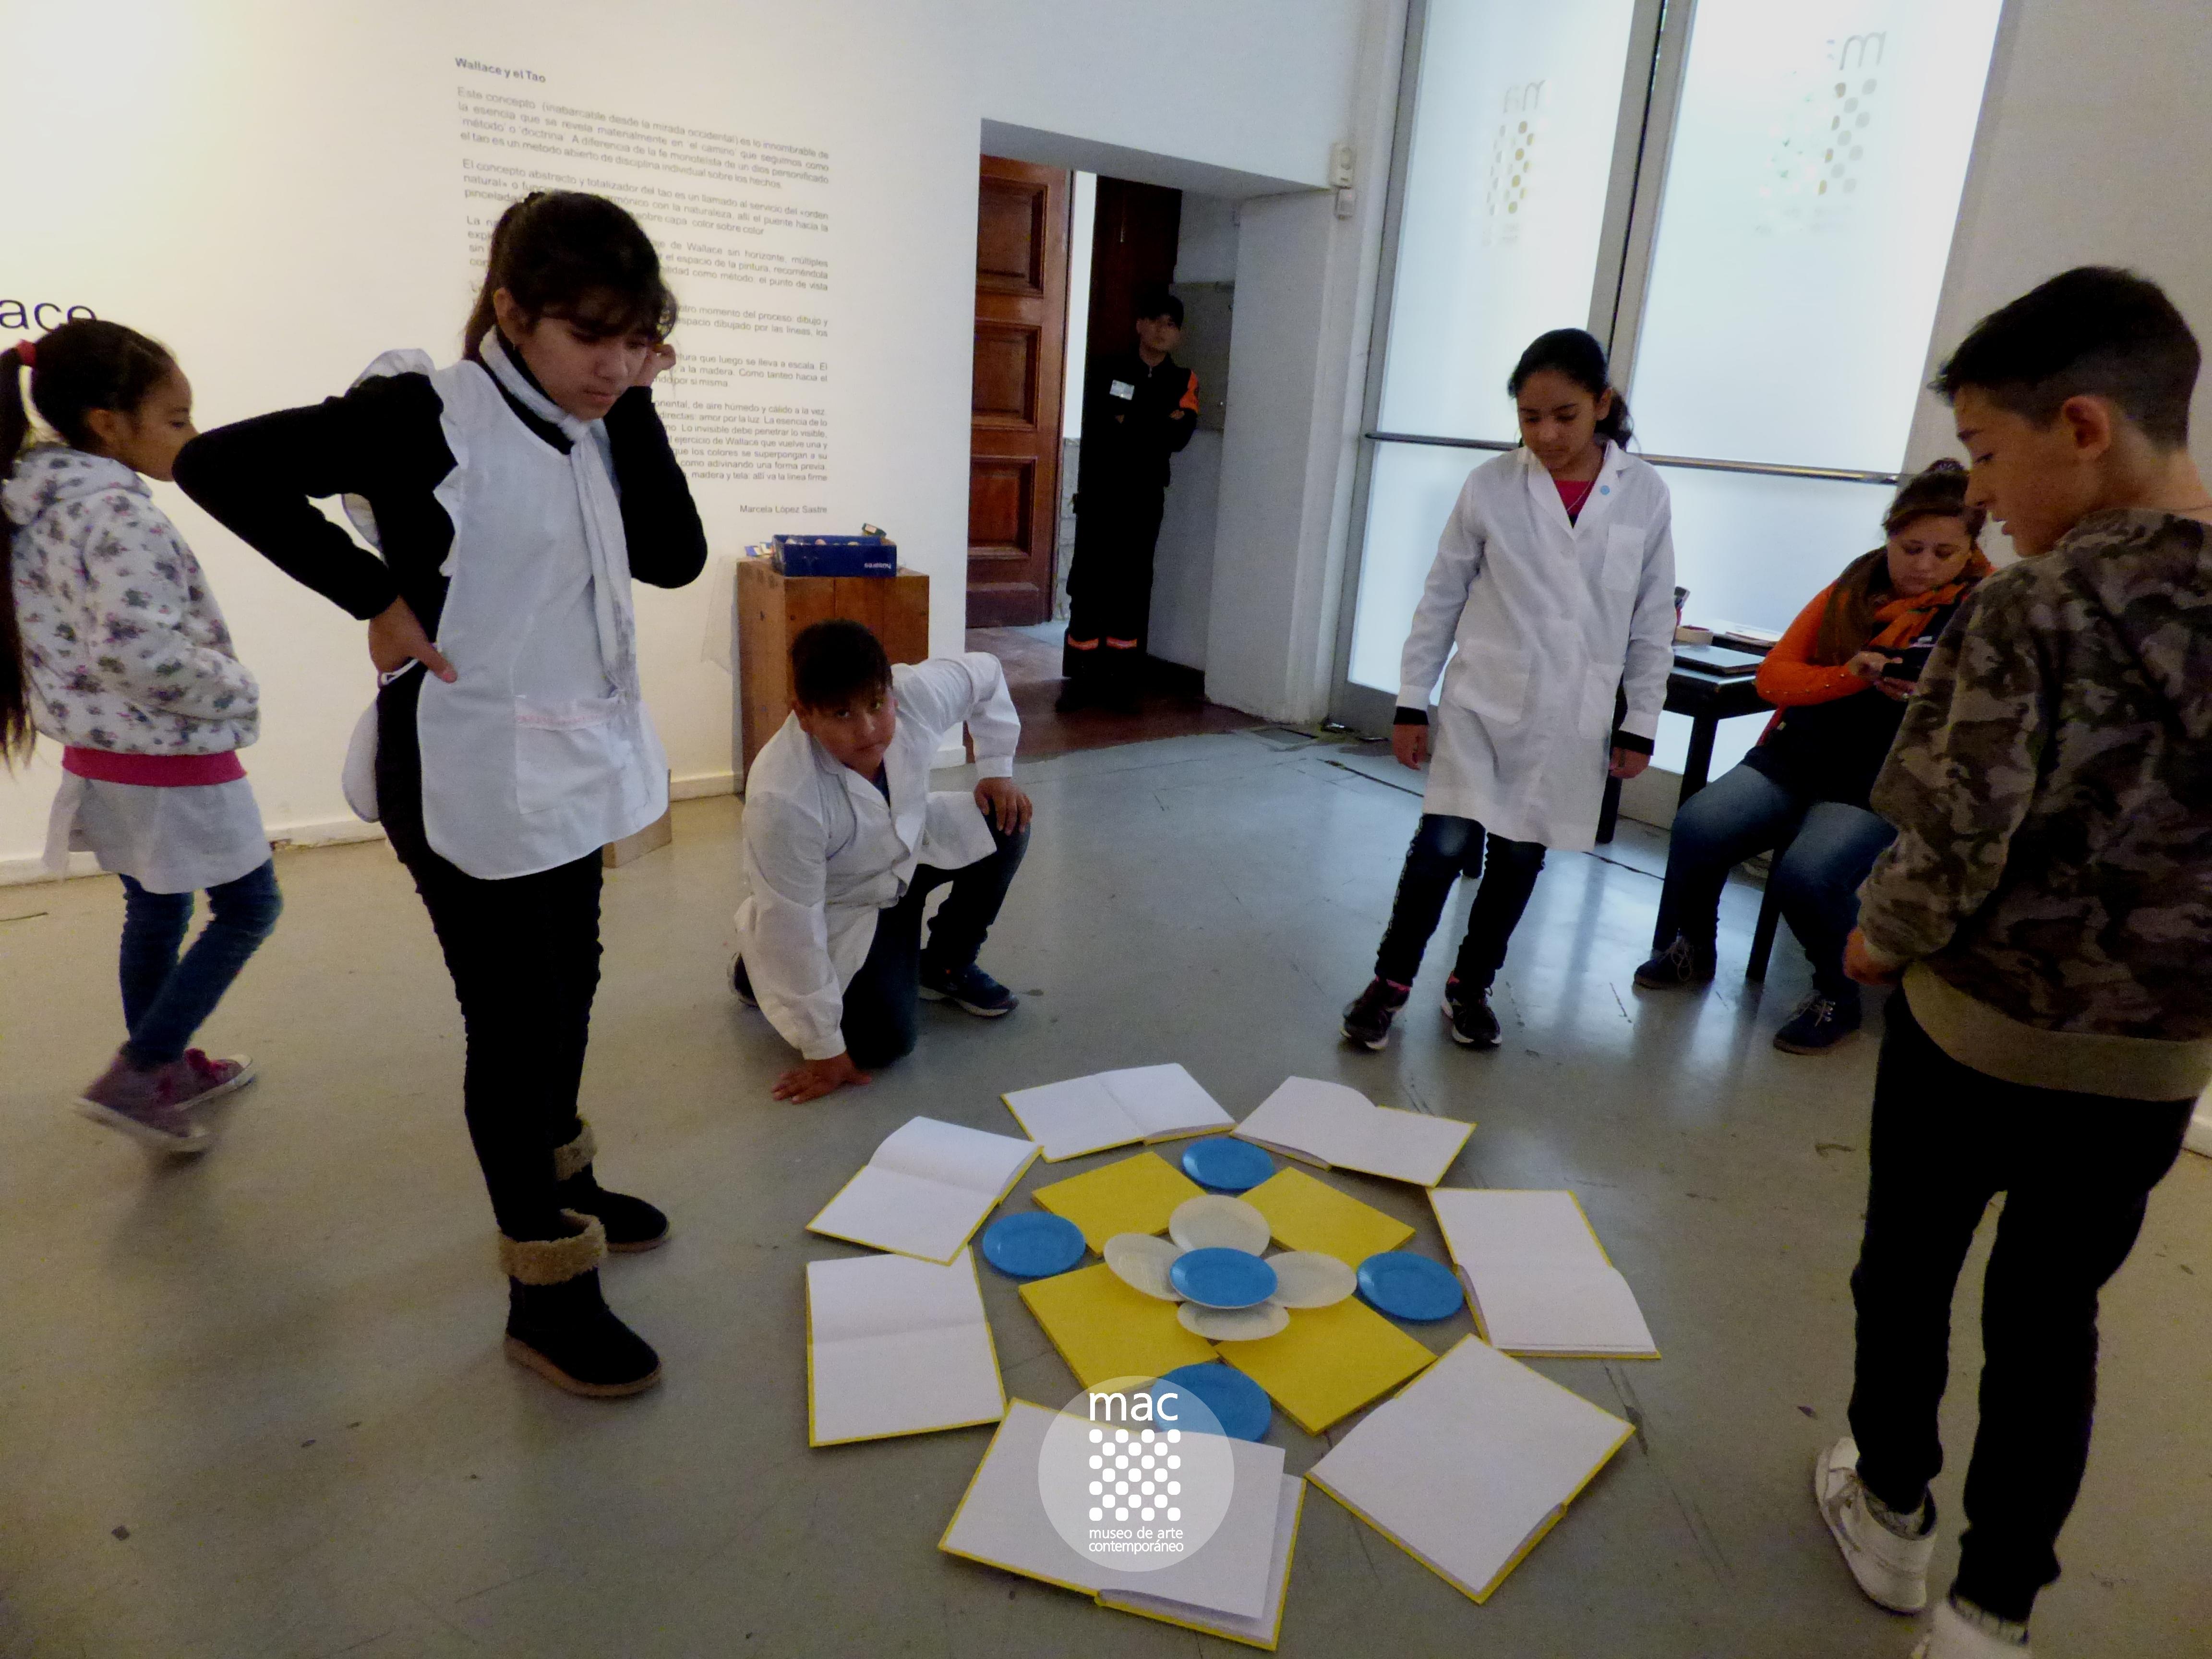 Mayo Patrio en el Mac, Proyecto V.A.C.A / Museo de Arte Contemporáneo de Salta, 2019